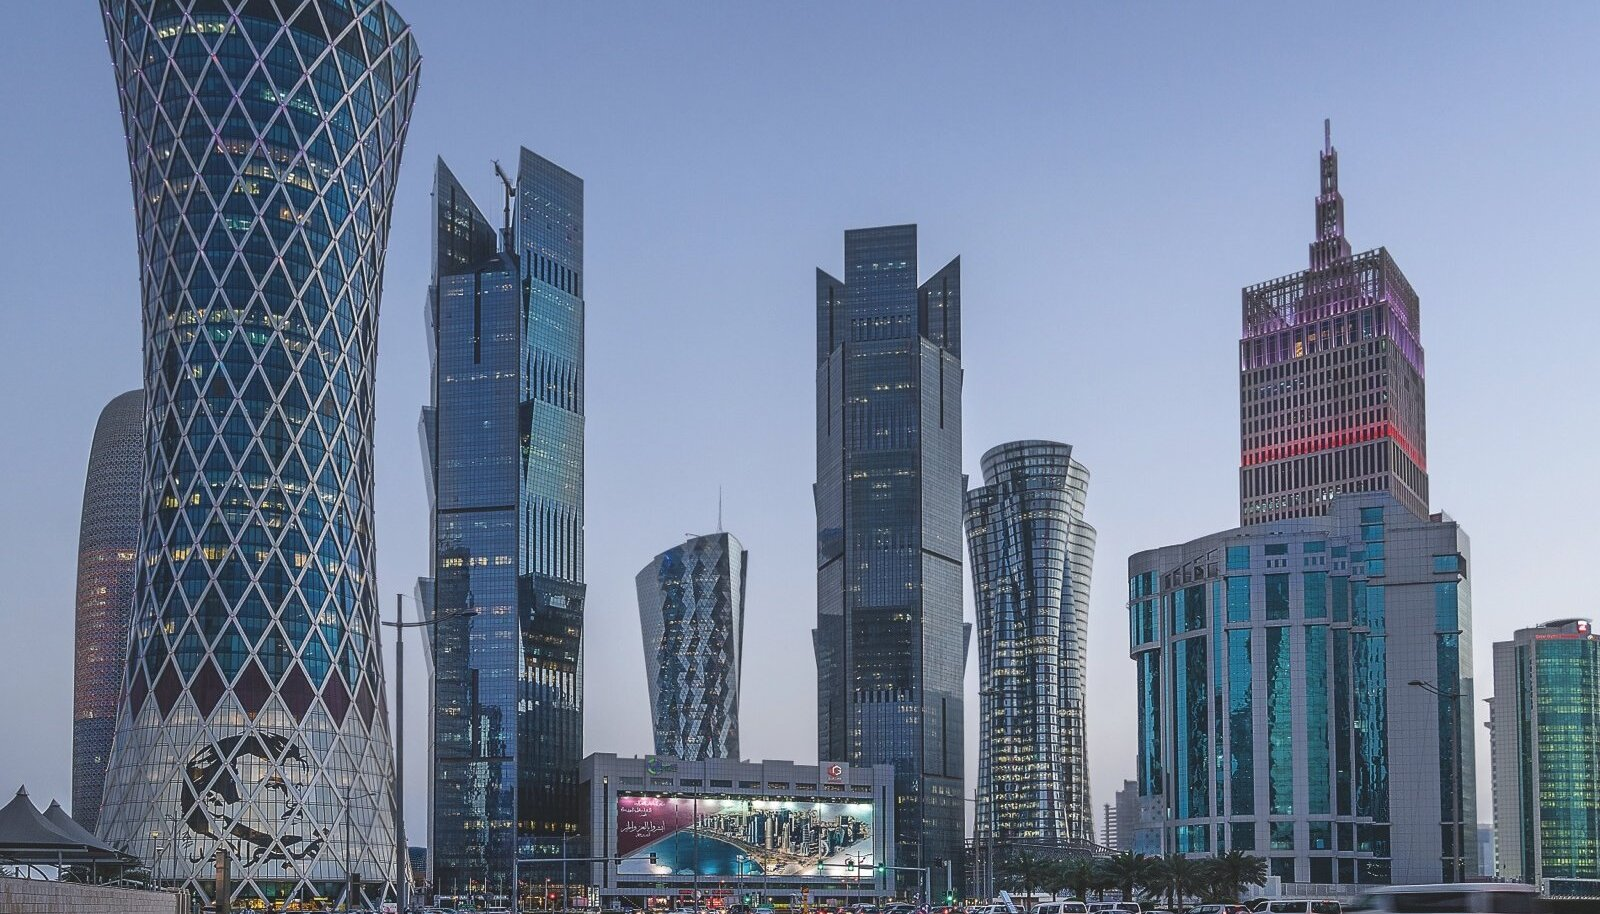 Gaasifirmad, pangad, residentsid. Katari loodusvarad kasvatavad jõudsalt pilvelõhkujaid Dohas.